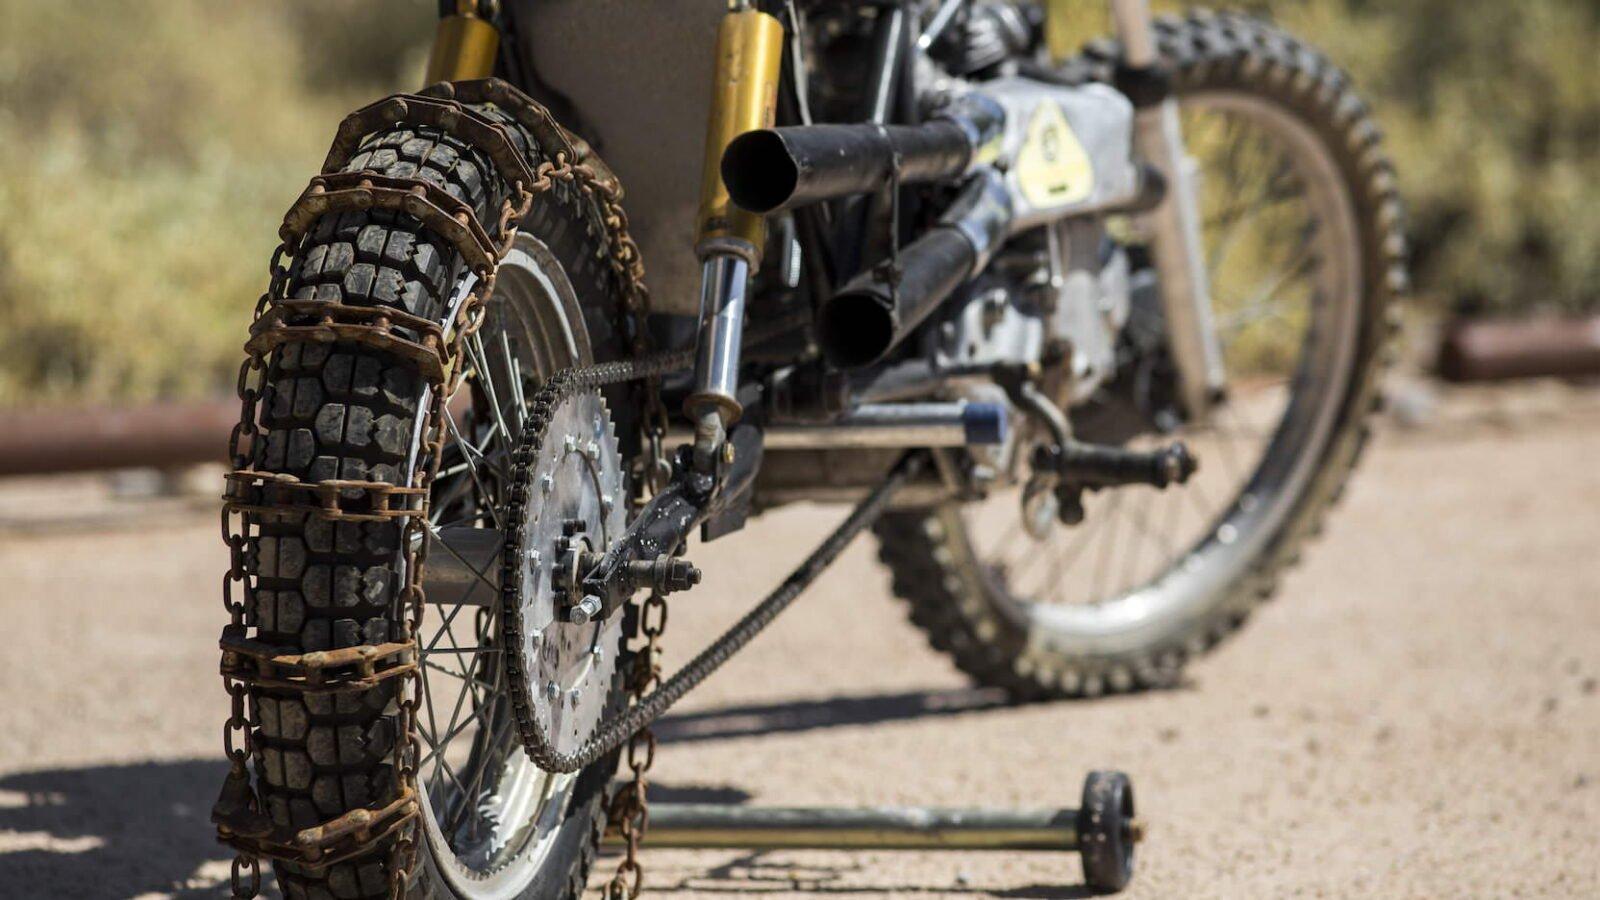 Vincent Rapide Series B Hillclimber 7 1600x900 - Beese Wendt's Vincent Hillclimber